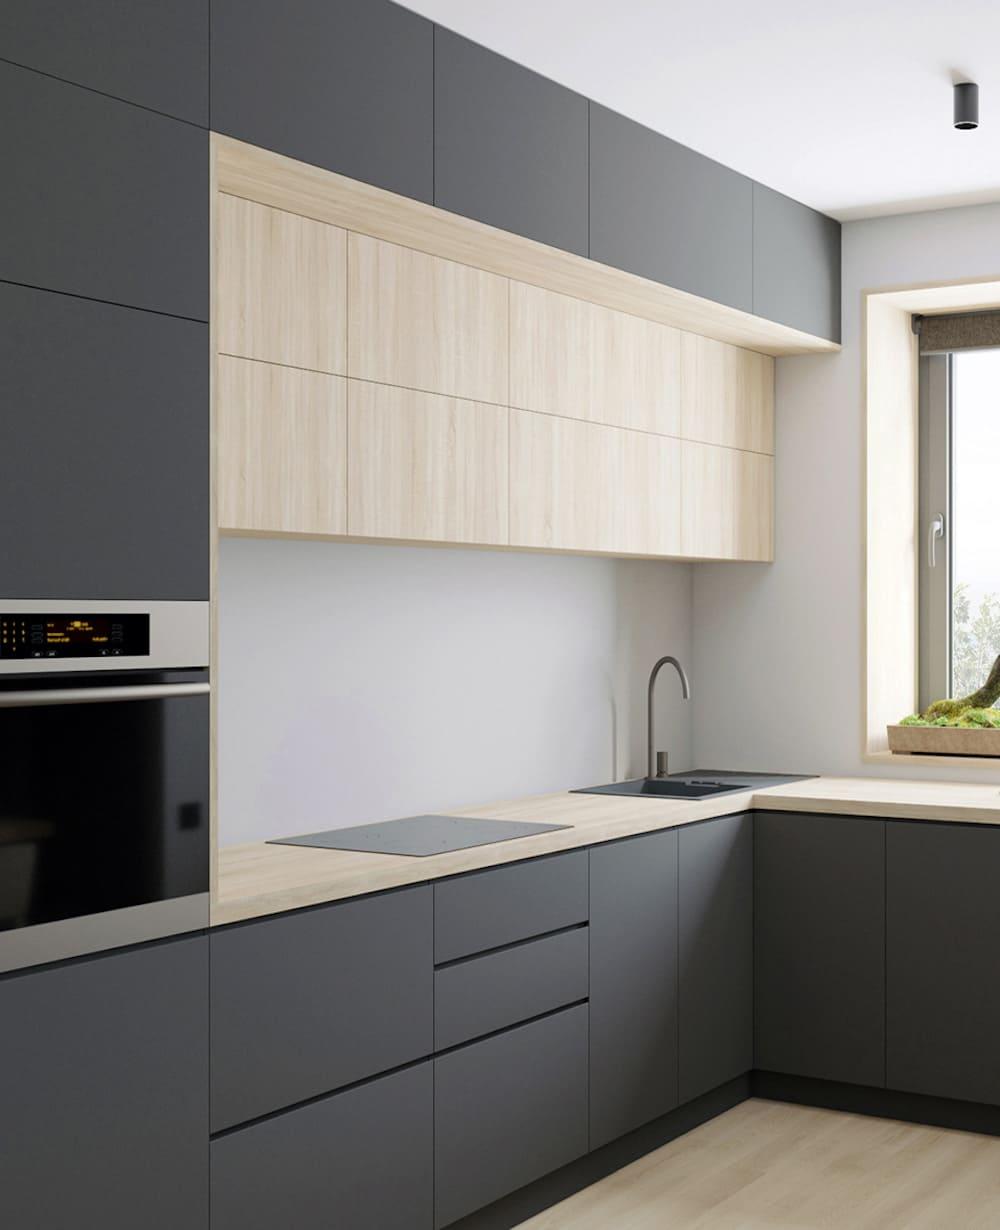 дизайн кухни в современном стиле фото 66